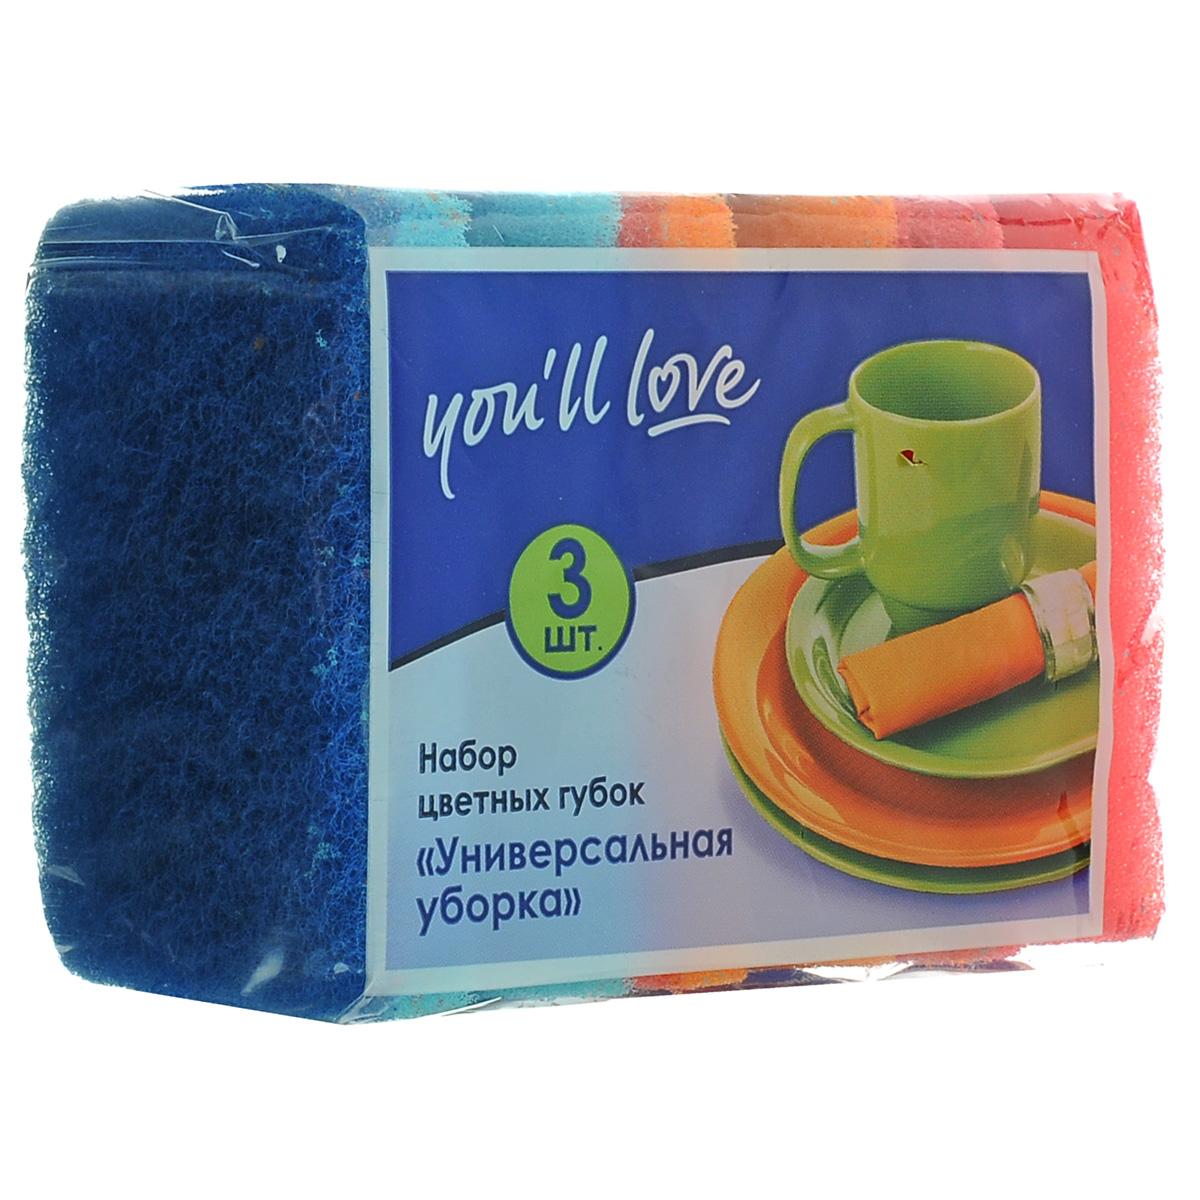 Губка для мытья посуды Youll love Универсальная уборка, 3 шт66617Губка для мытья посуды Youll love Универсальная уборка выполнена из крупнопористого поролона, который обеспечивает повышенное пенообразование и более длительный срок использования в сравнении с обычными губками. Абразивный слой выполнен из высокопрочной фибры. Благодаря углублению (профилю), губка позволяет дольше удерживать моющее средство внутри и расходовать его минимальное количество. Хорошо впитывает жидкость. Комбинация слоев с различной степенью жесткости позволяет применять губку как для деликатного мытья, так и для удаления сверхстойких загрязнений. Размер губки: 8,5 см х 6,5 см х 3,6 см. Комплектация: 3 шт. Плотность поролона: 22 г/м3.